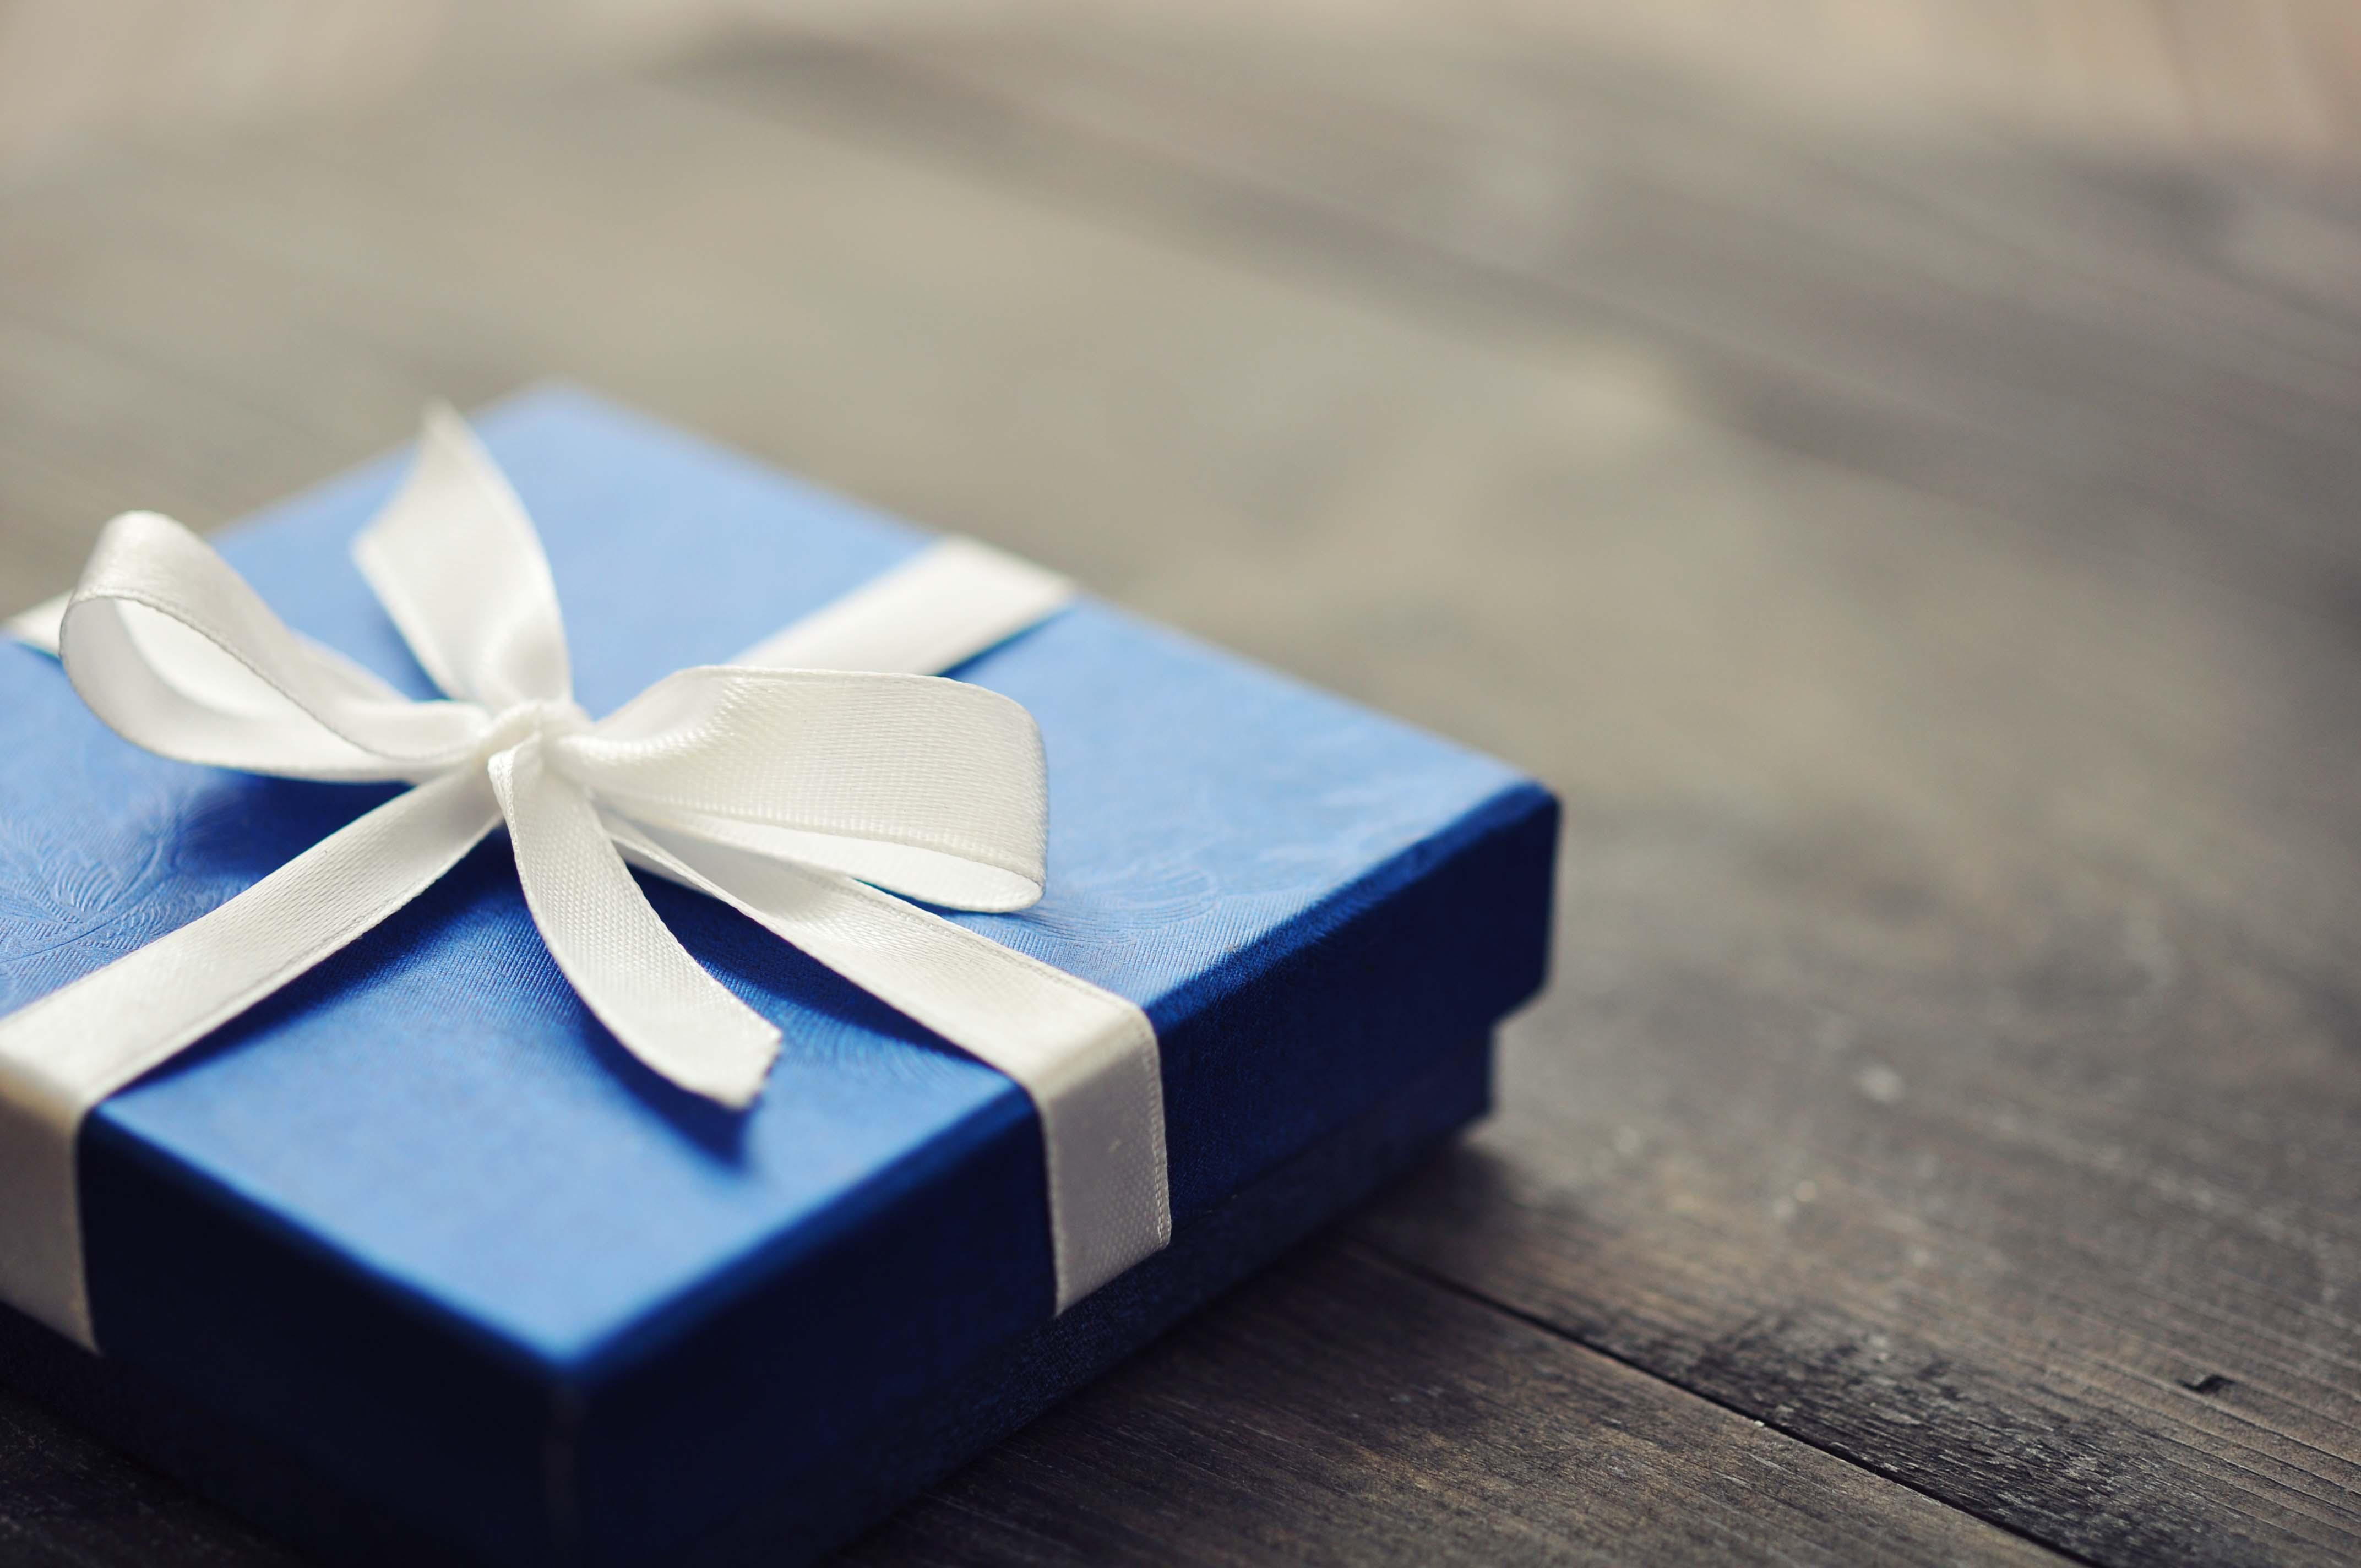 40代男性がもらって嬉しいプレゼントおすすめランキング!のサムネイル画像